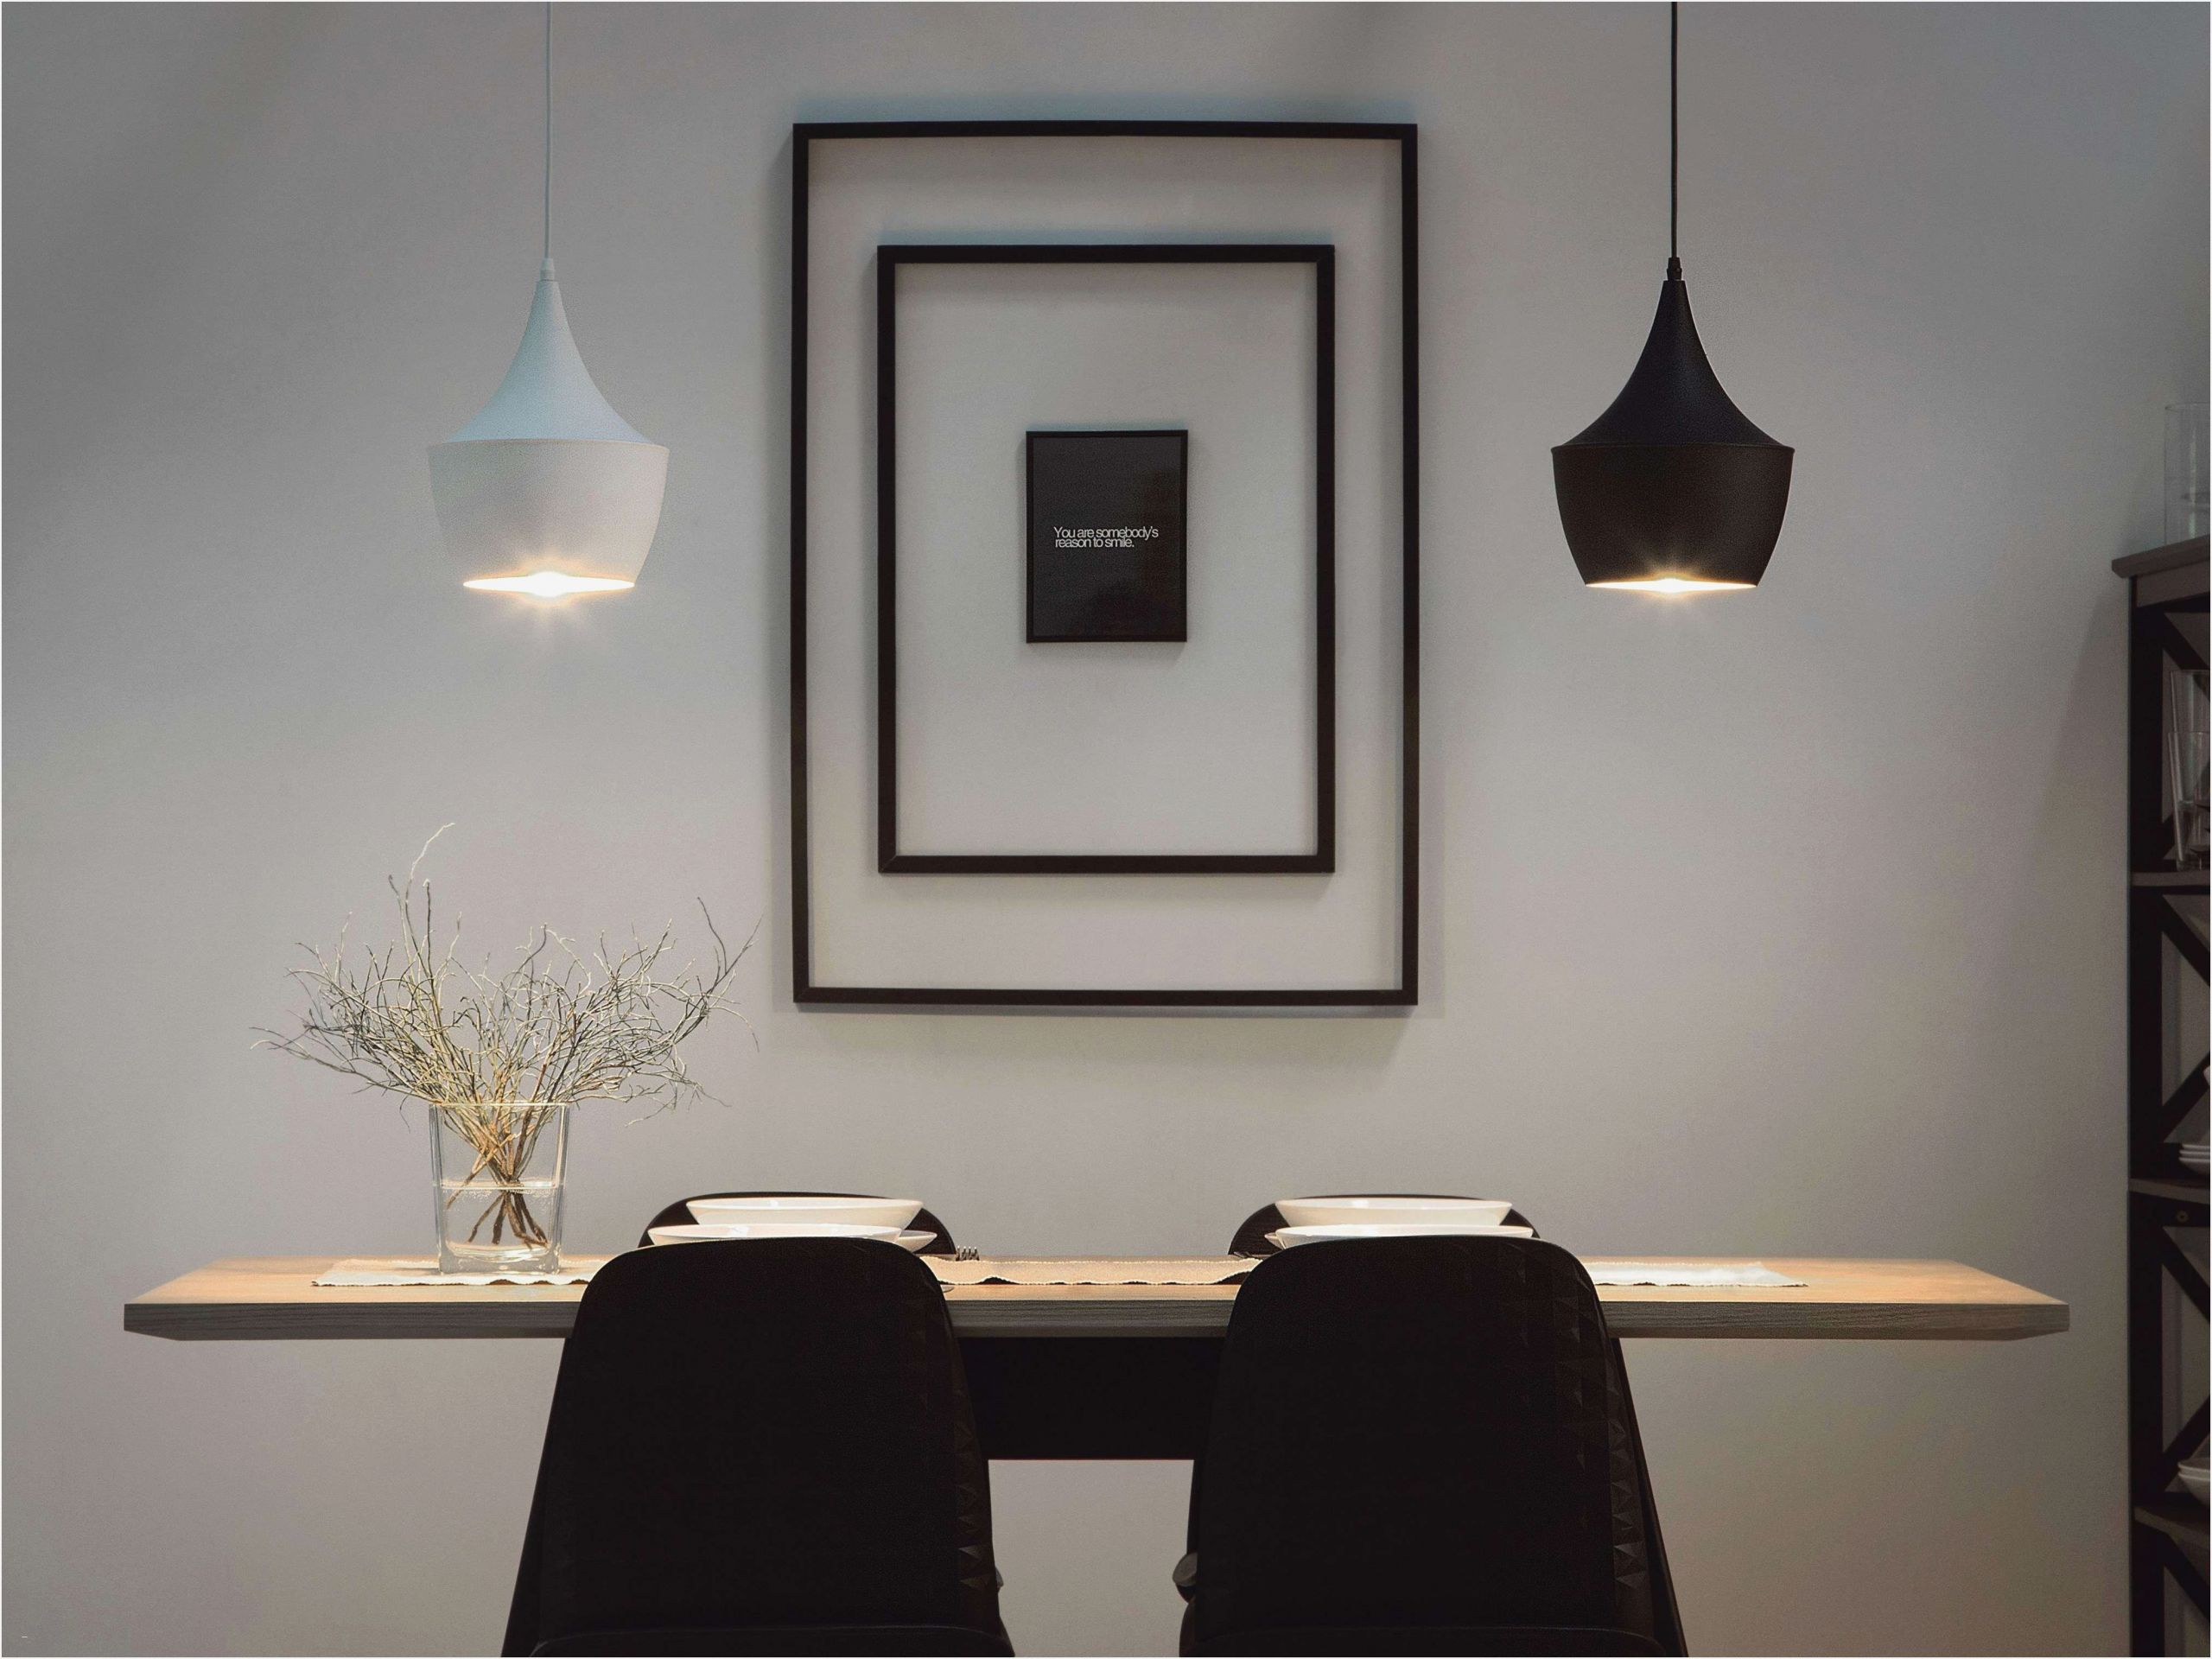 Full Size of Deckenlampe Schlafzimmer Ikea Traumhaus Komplett Mit Lattenrost Und Matratze Tapeten Lampen Rauch Loddenkemper Deckenlampen Wohnzimmer Modern Fototapete Schlafzimmer Deckenlampe Schlafzimmer